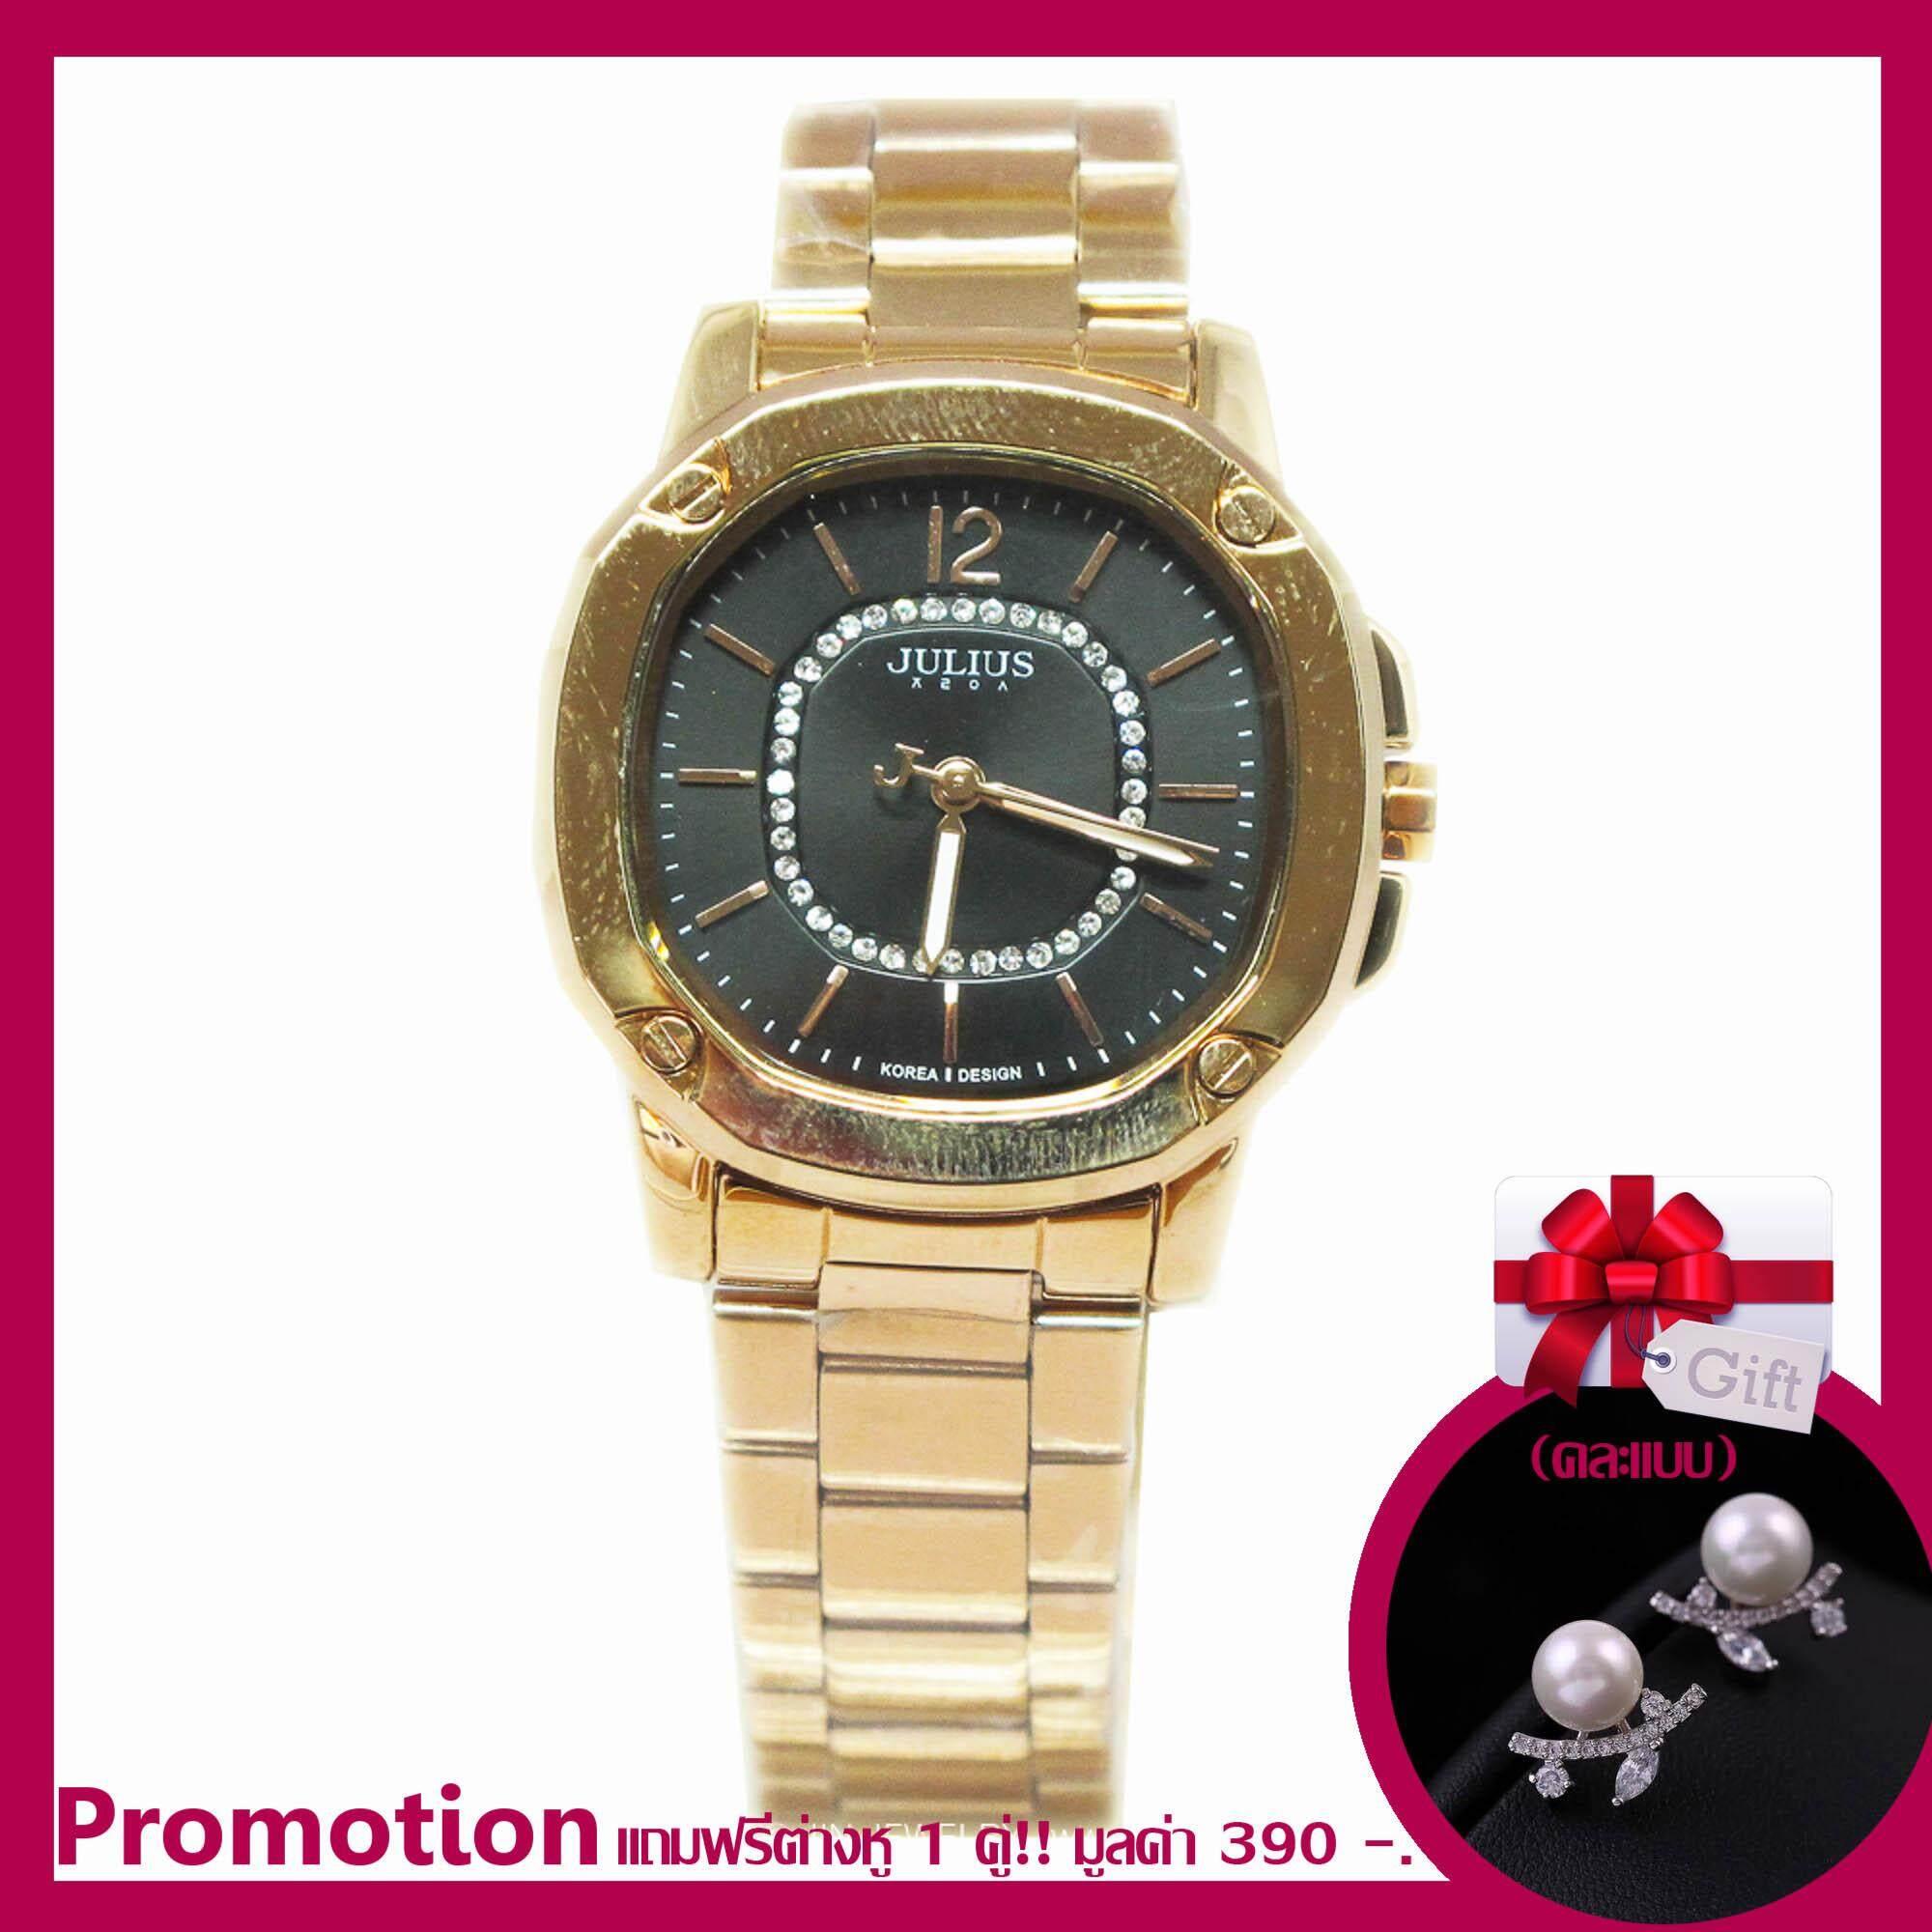 Julius Ja-931 นาฬิกาจูเลียส Ja931 นาฬิกาแบรนด์เนม นาฬิกาเกาหลี นาฬิกาแฟชั่น นาฬิกาผู้หญิง รุ่น Ja-931.